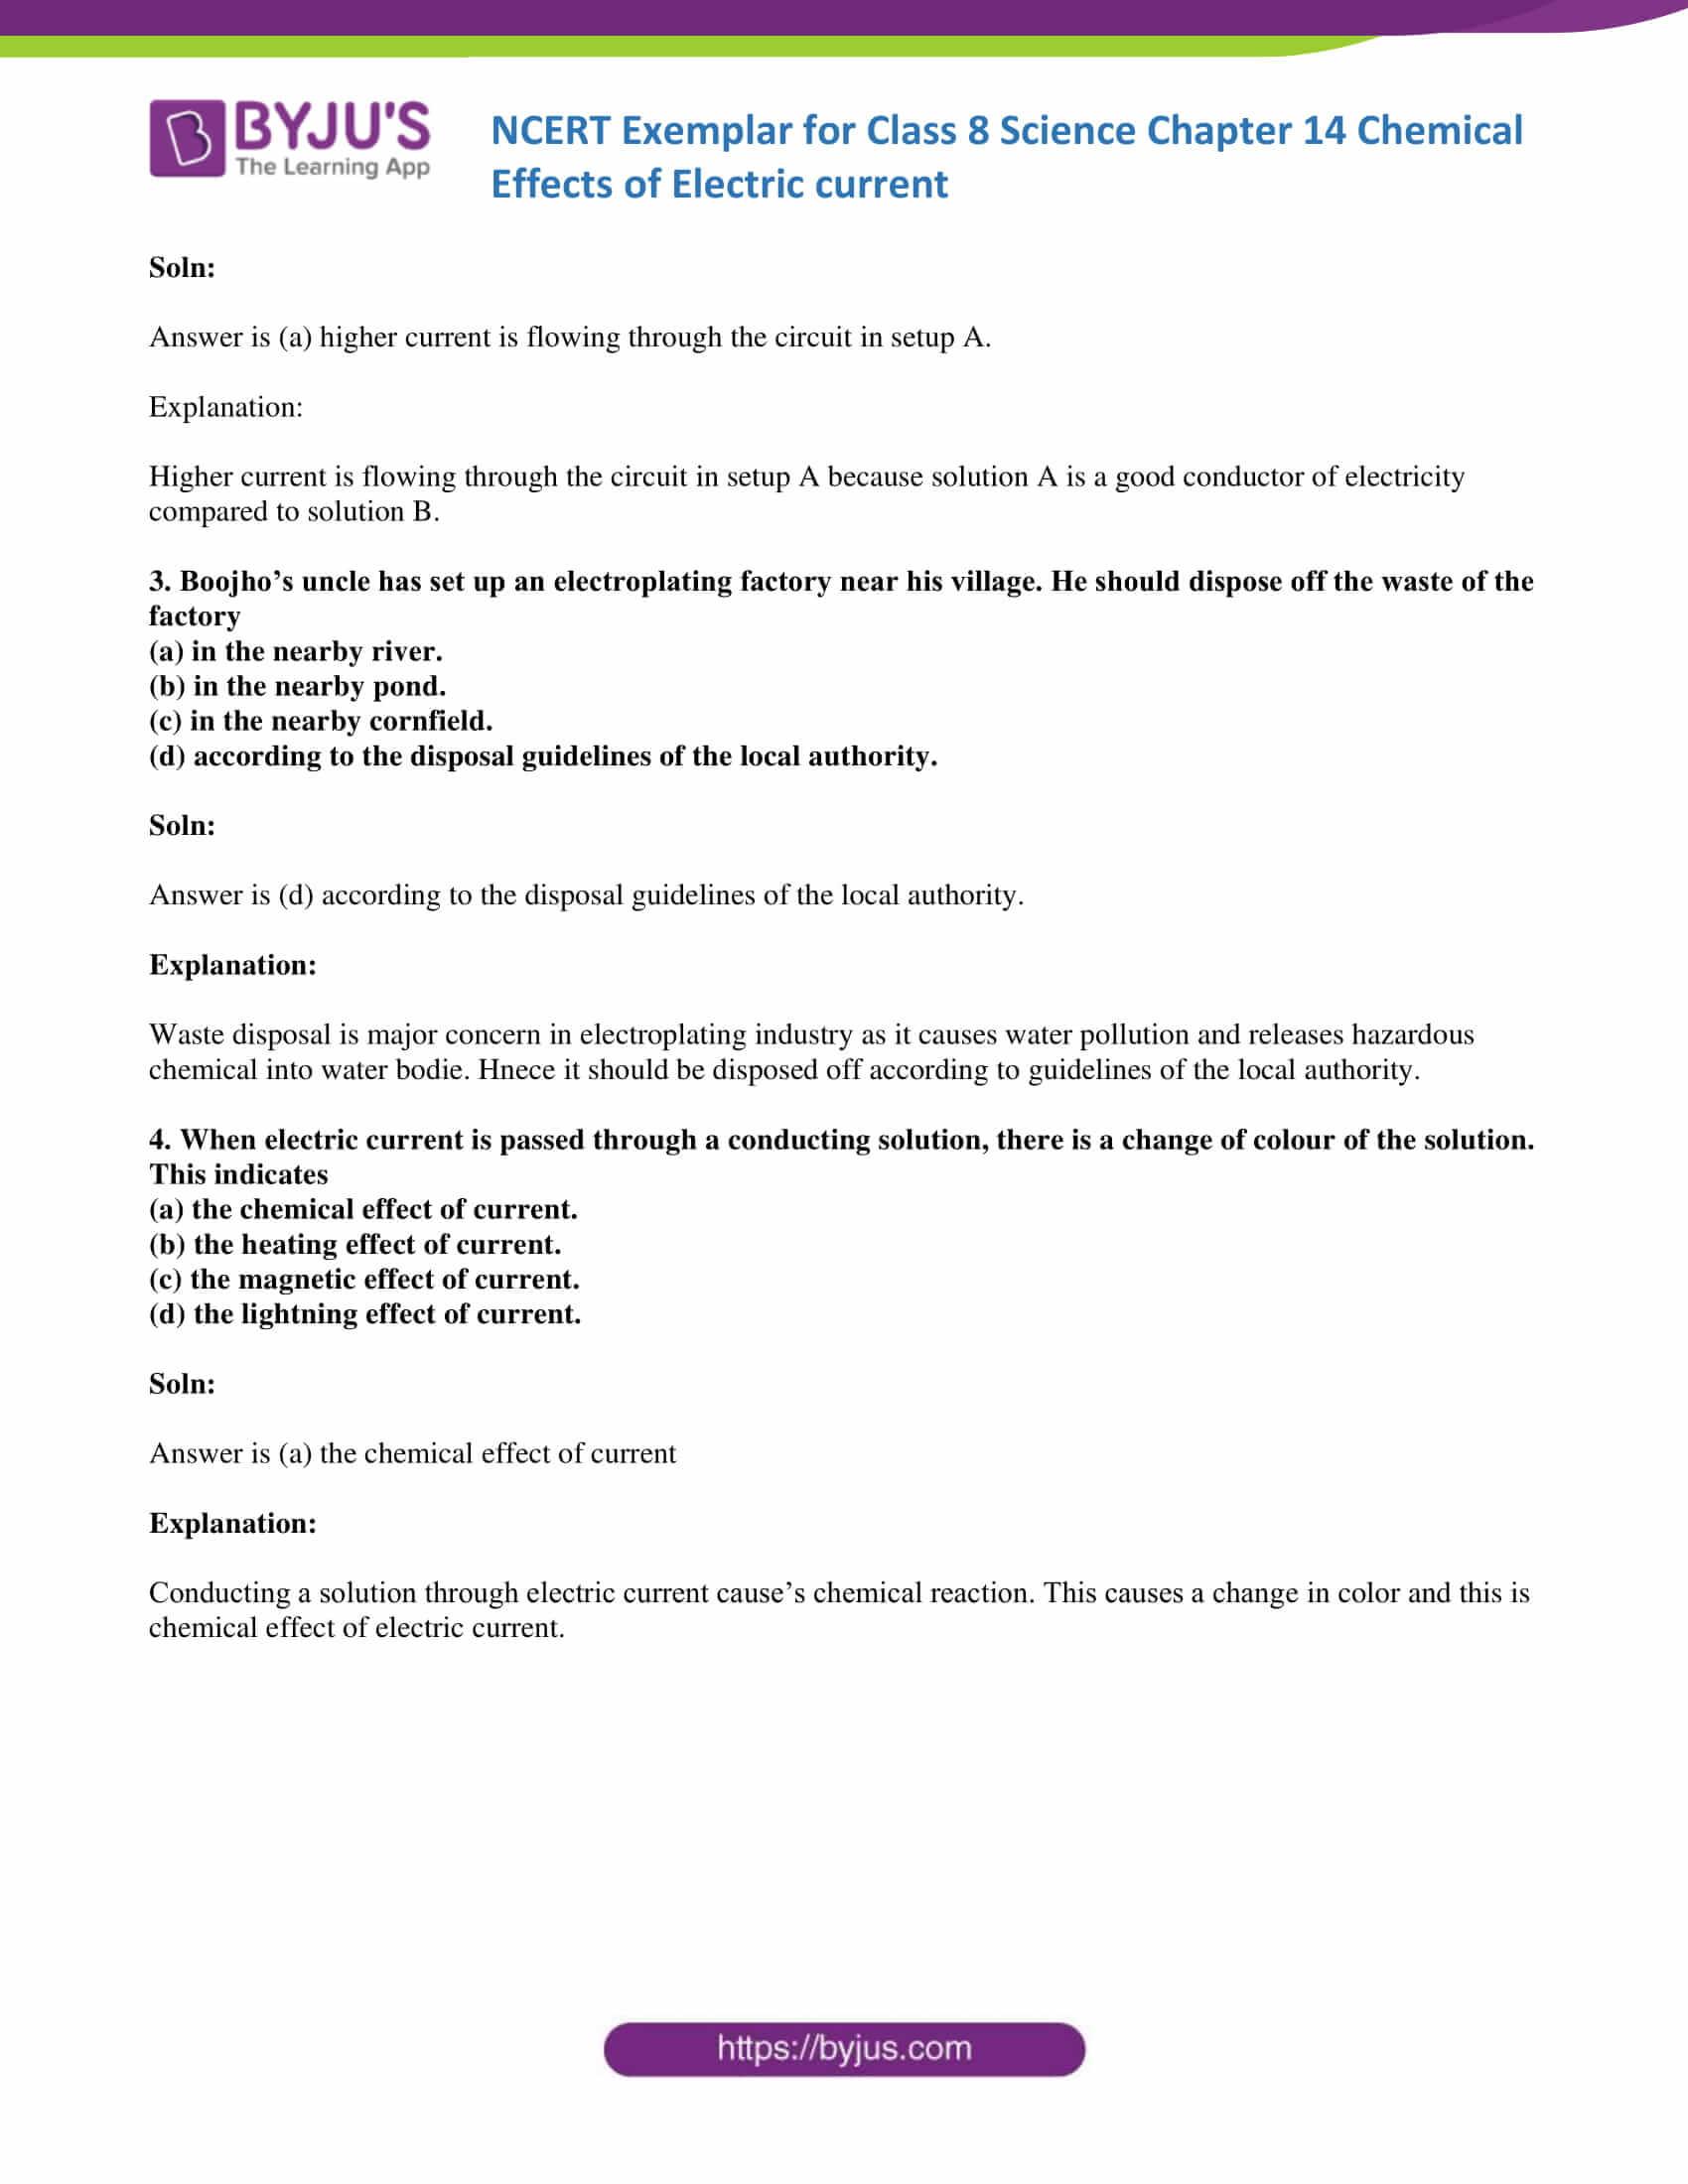 NCERT Exemplar solution class 8 science chapter 14 part 02